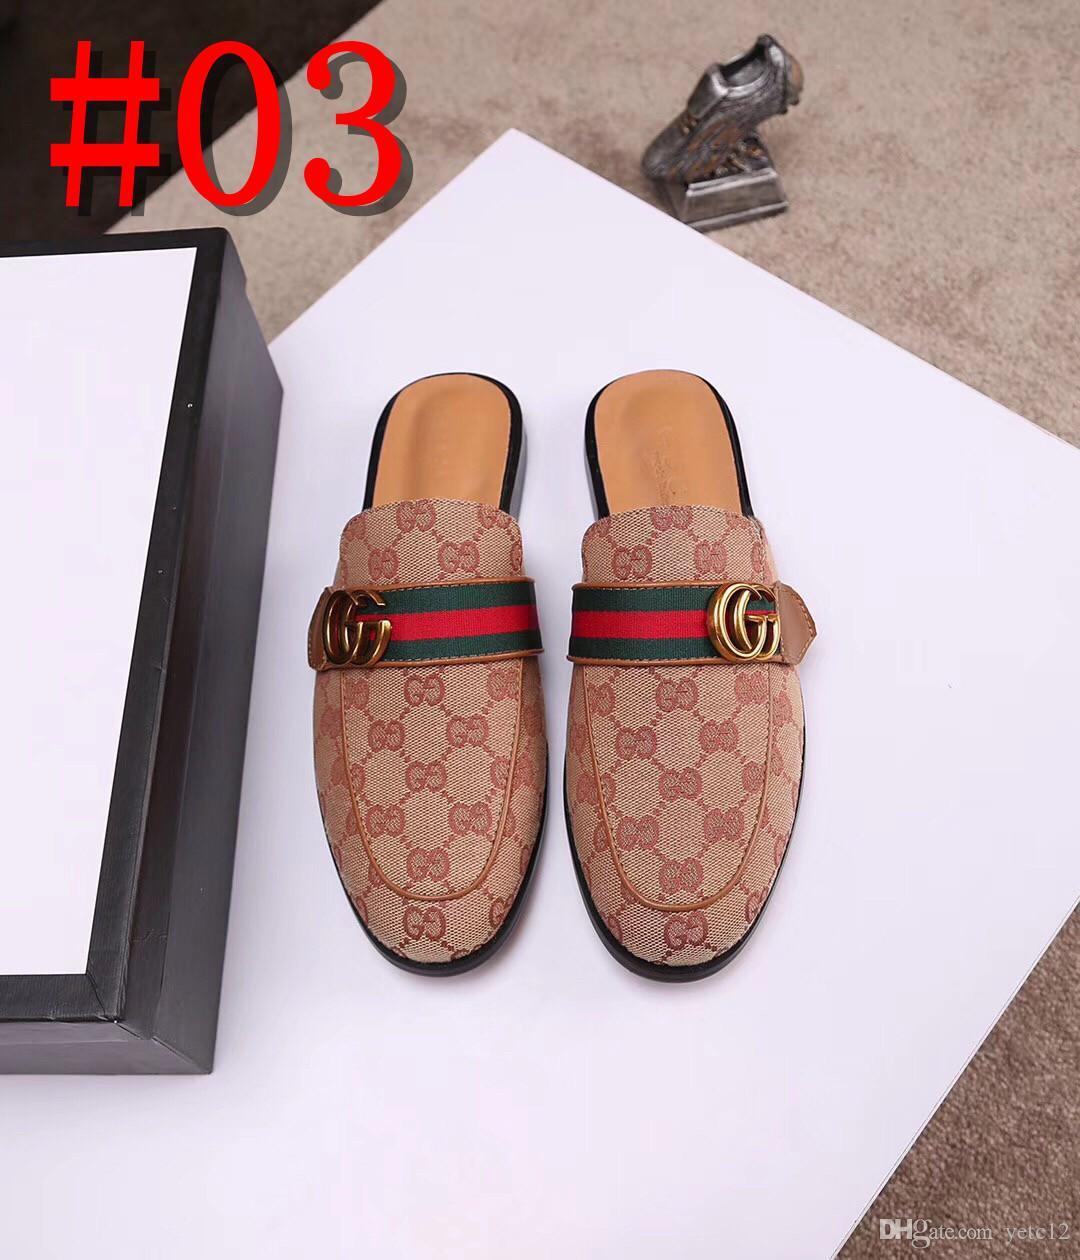 901S теплая зима мужские пары сплошные цвета крытый человек нескользящий пол домашние тапочки мягкая обувь для спальни chaussure homme